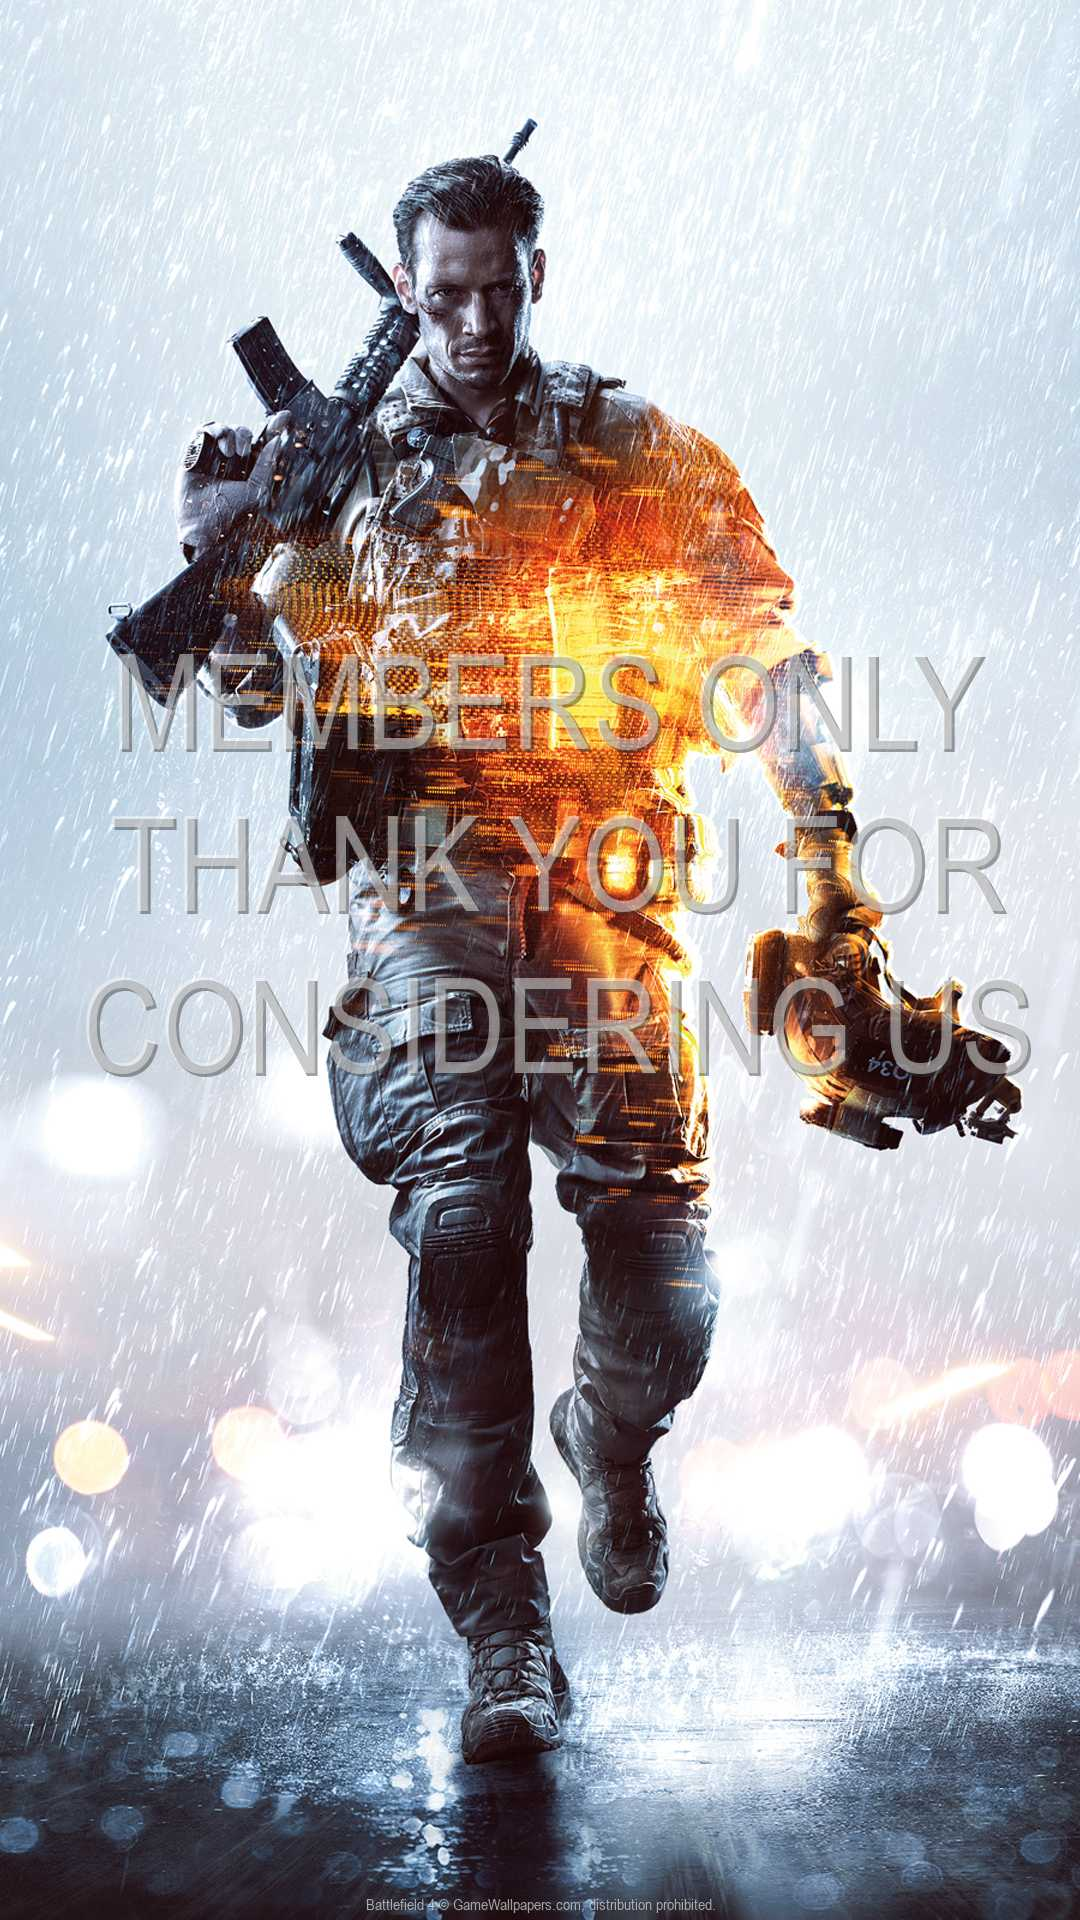 Battlefield 4 1080p Vertical Mobile fond d'écran 02